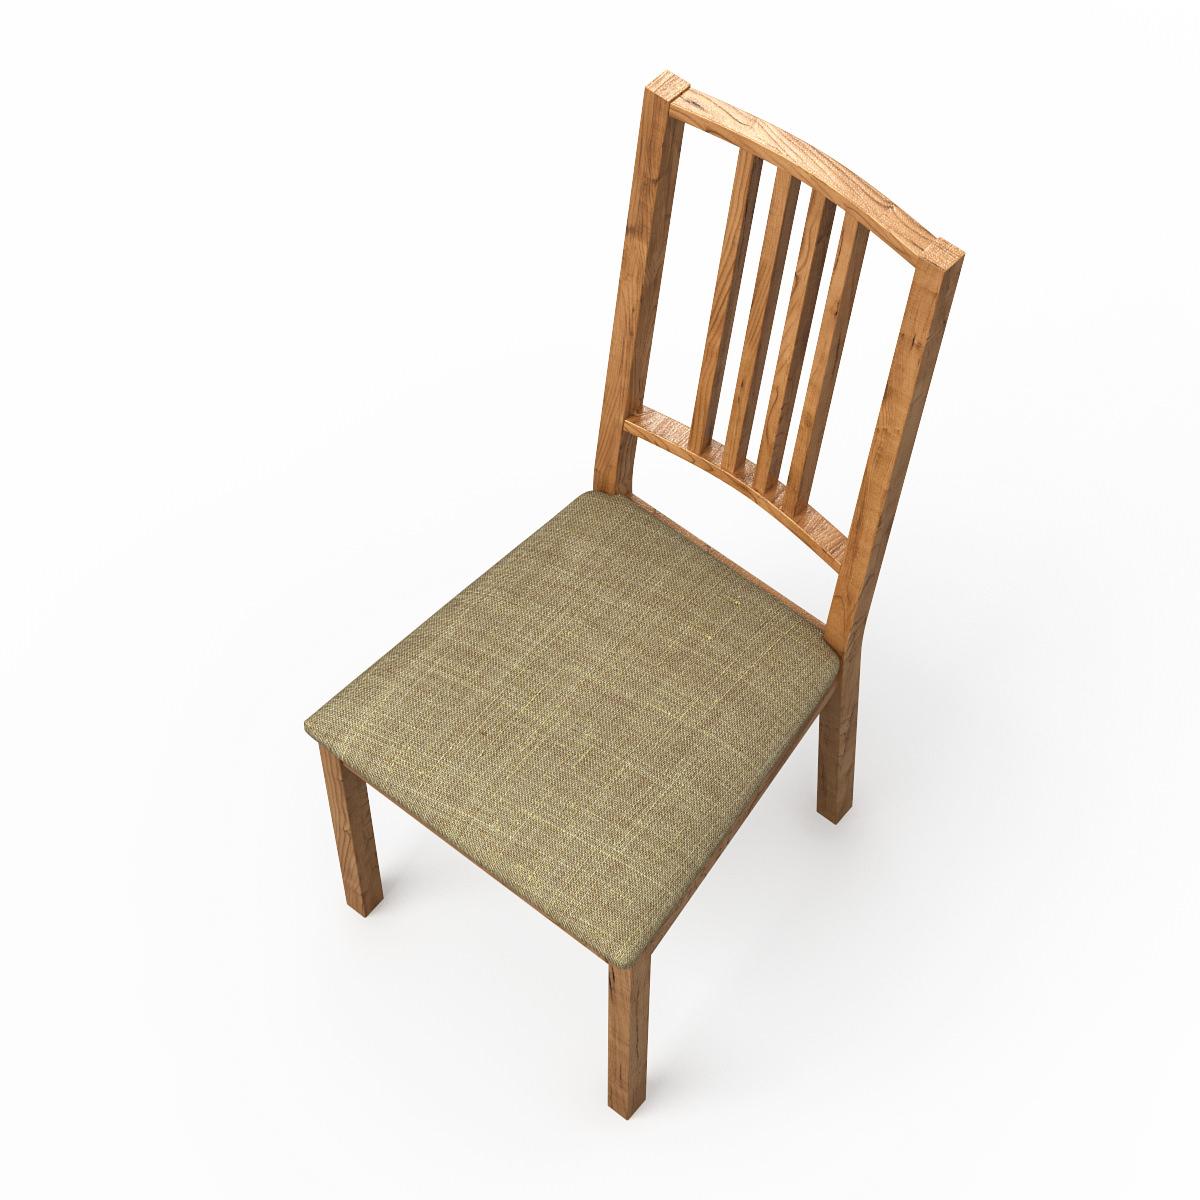 BORJE Dark Wood Dining chair 3D Model max obj 3ds fbx  : borjedarkwooddiningchair3dmodel3dsfbxobjmaxc9b2e02f c9c2 405b b1ad b40513bbca4c from cgtrader.com size 1200 x 1200 jpeg 193kB